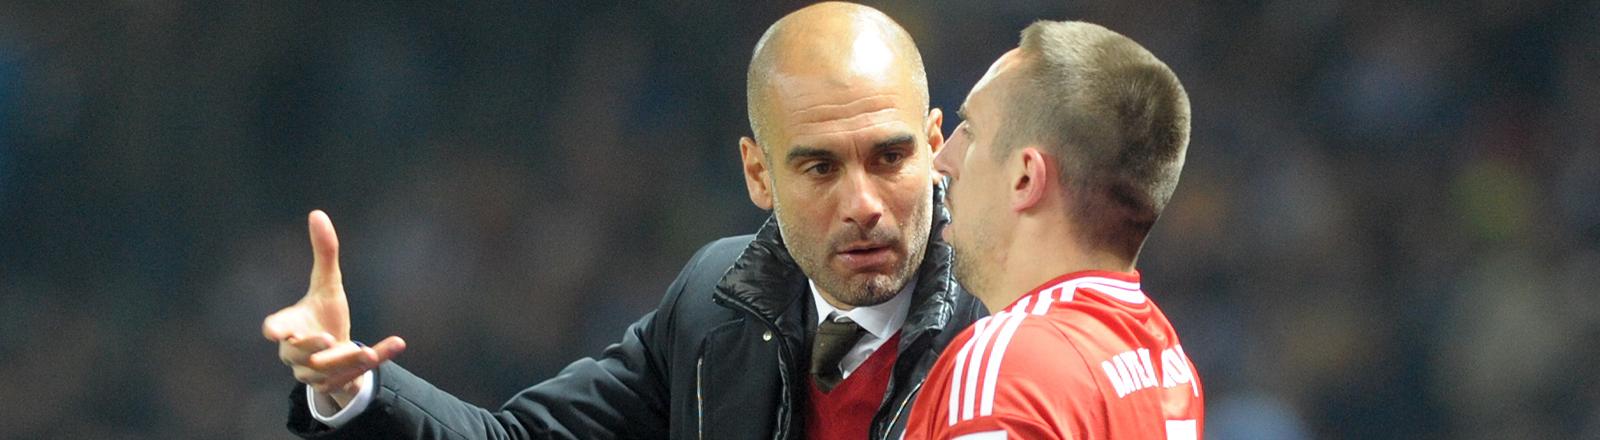 Trainer Josep Guardiola (l-r) spricht mit Franck Ribery vom FC Bayern München.